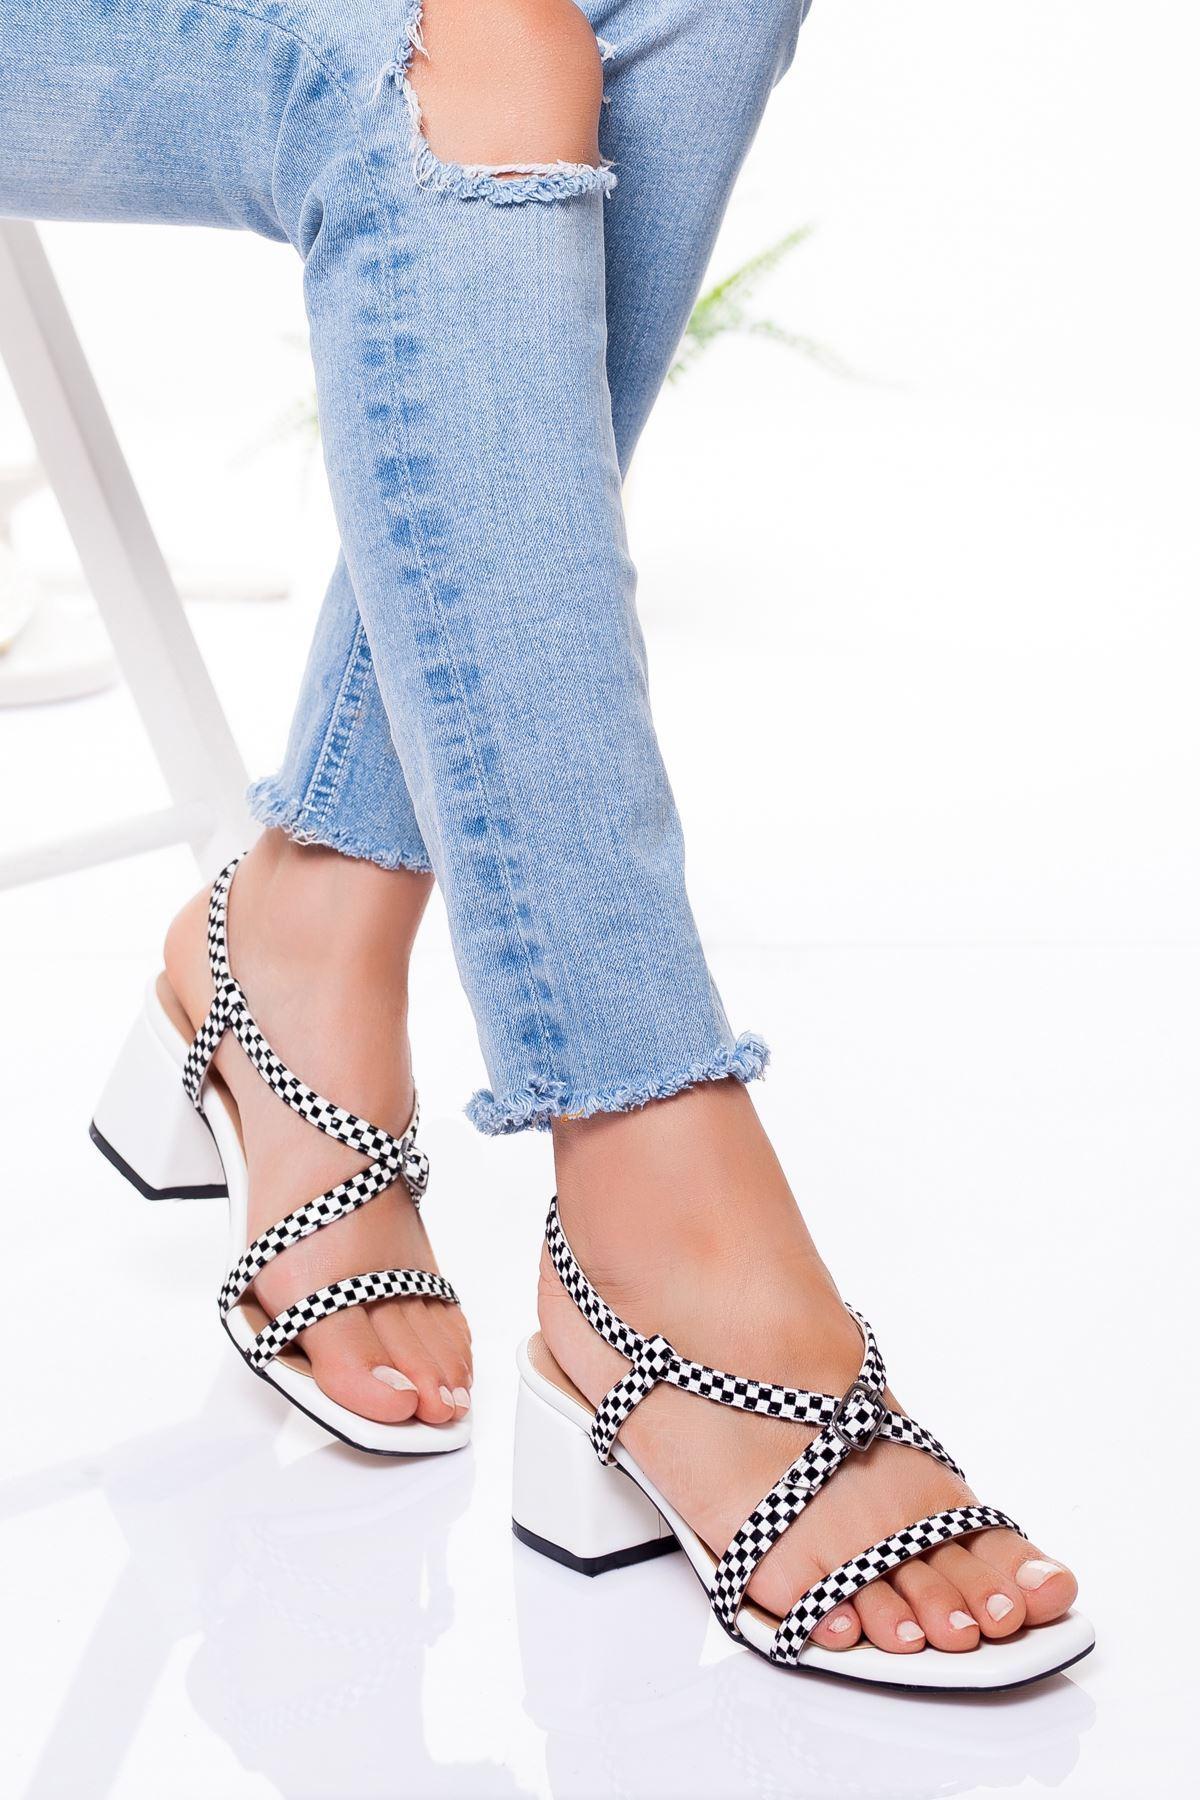 Kadın Bantlı Beyaz Yazlık Kalın Topuklu Ayakkabı